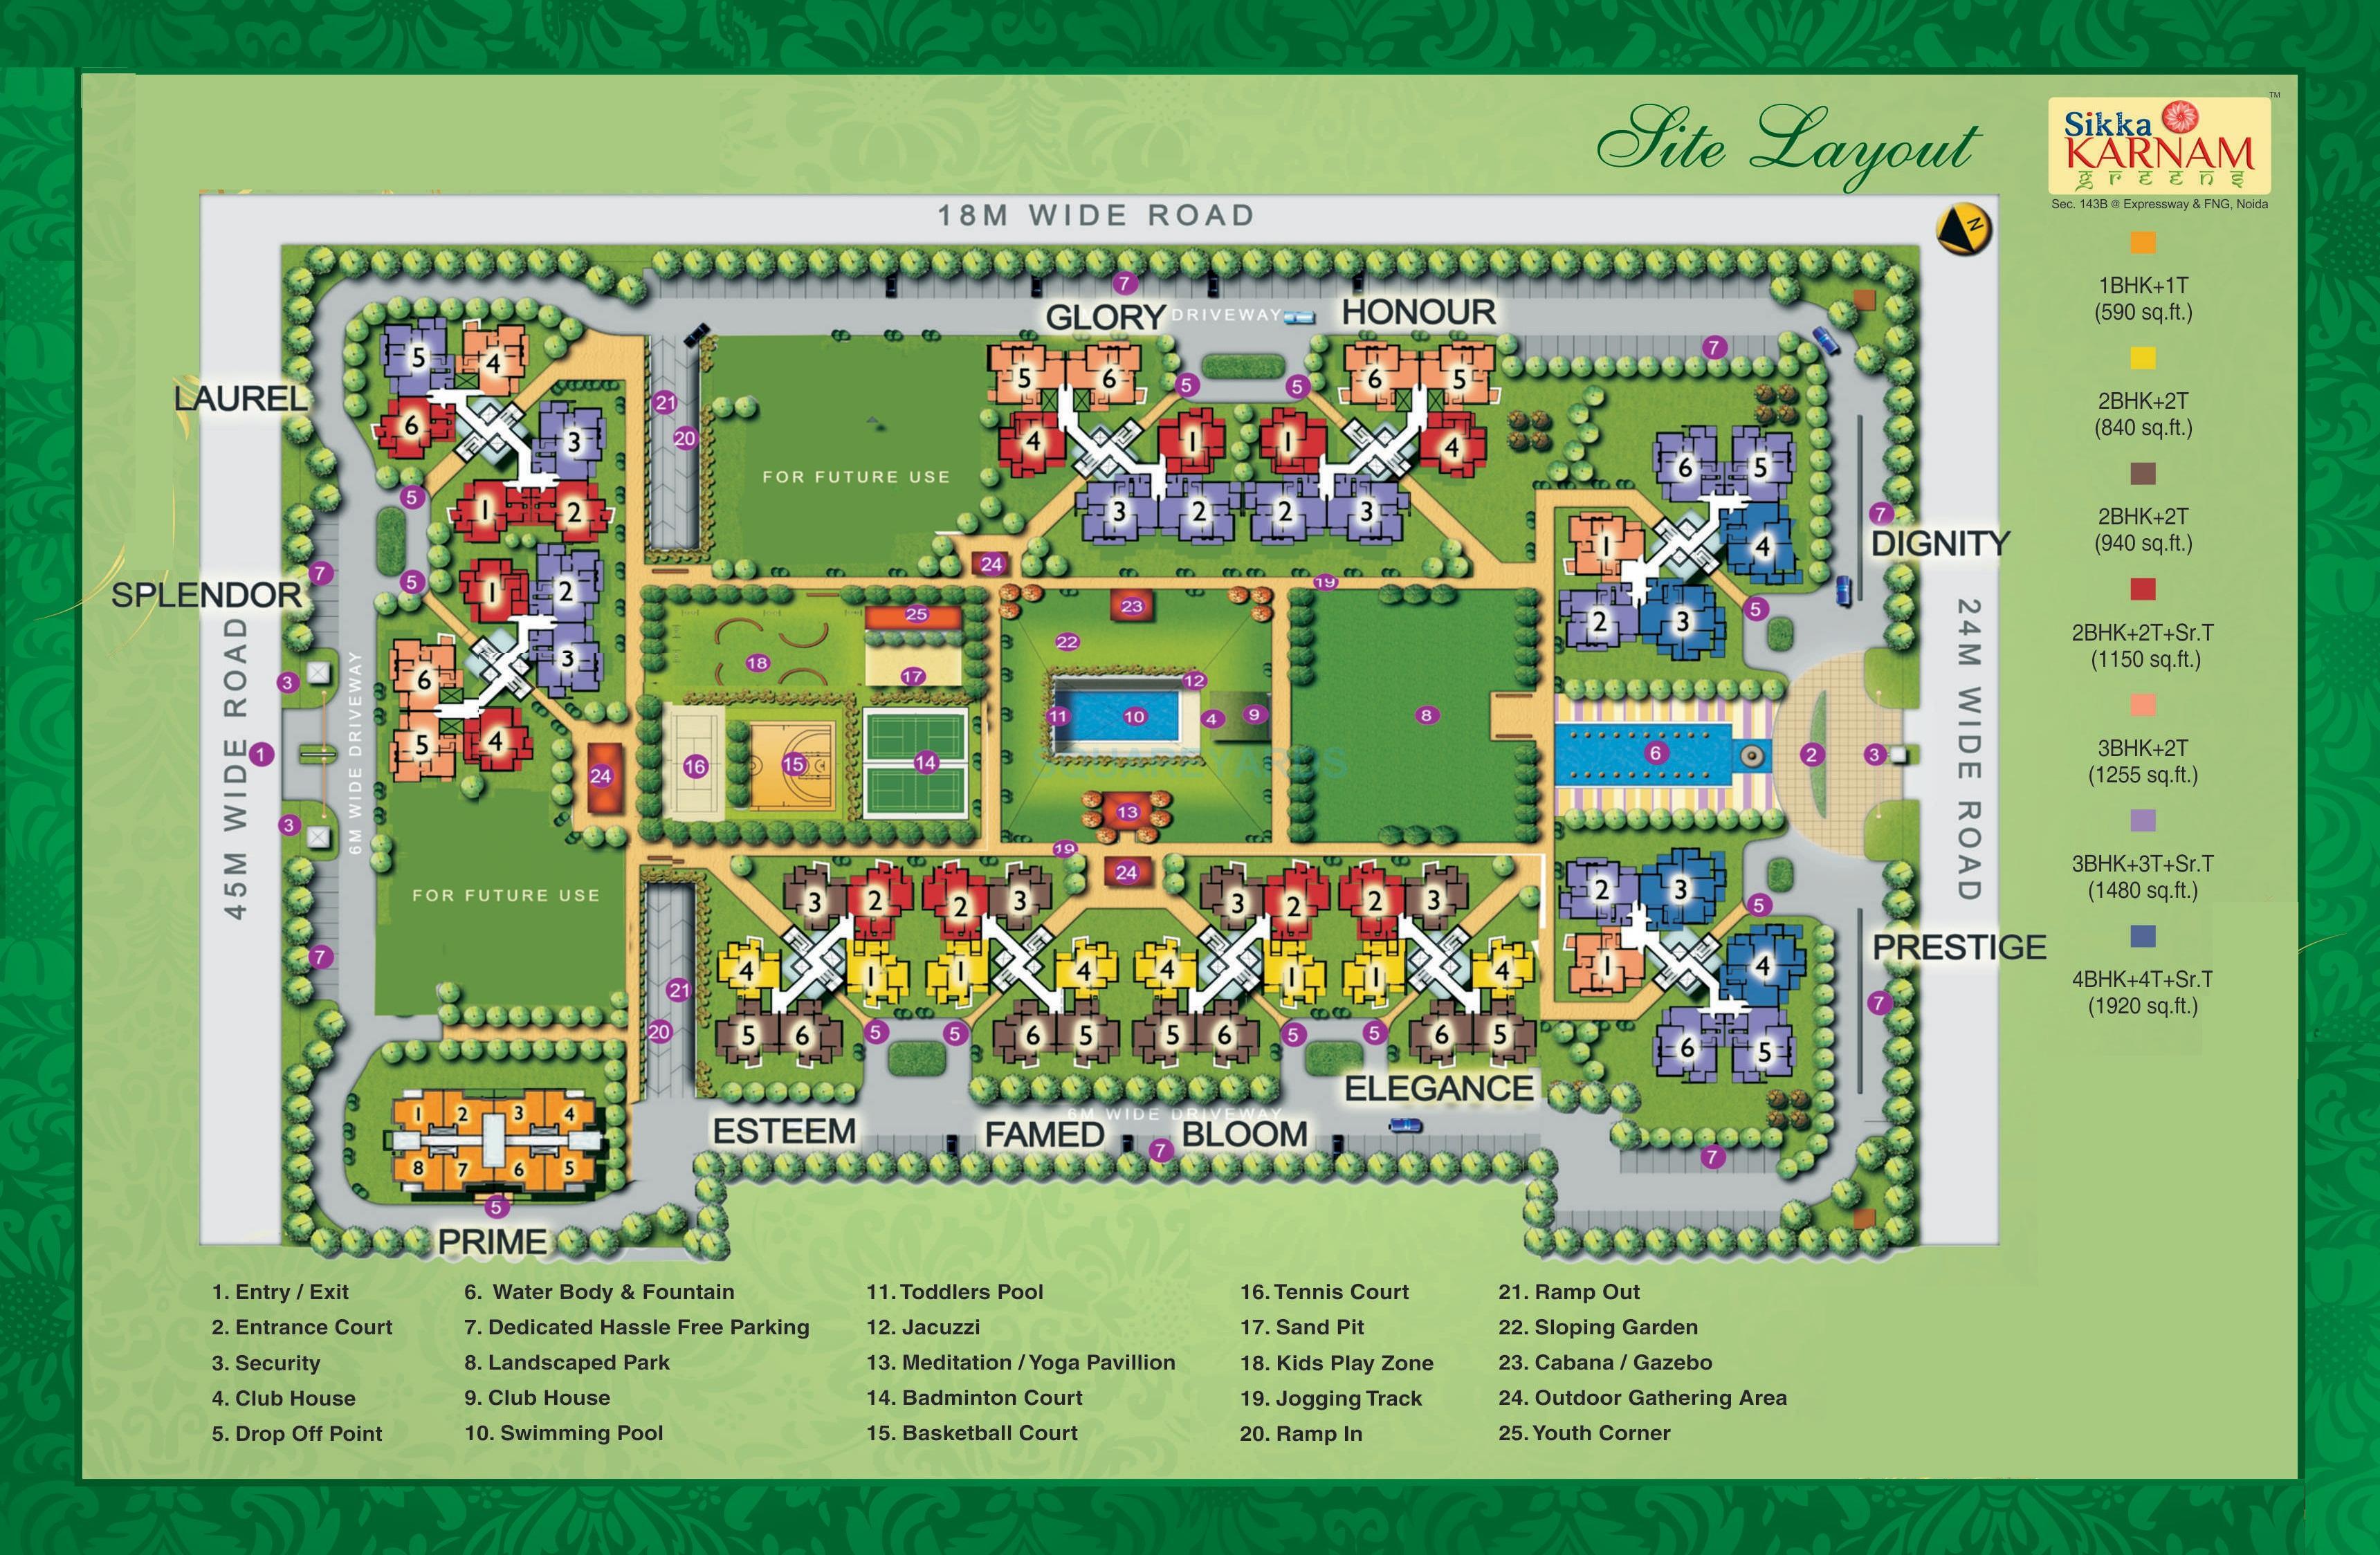 sikka karnam master plan image1